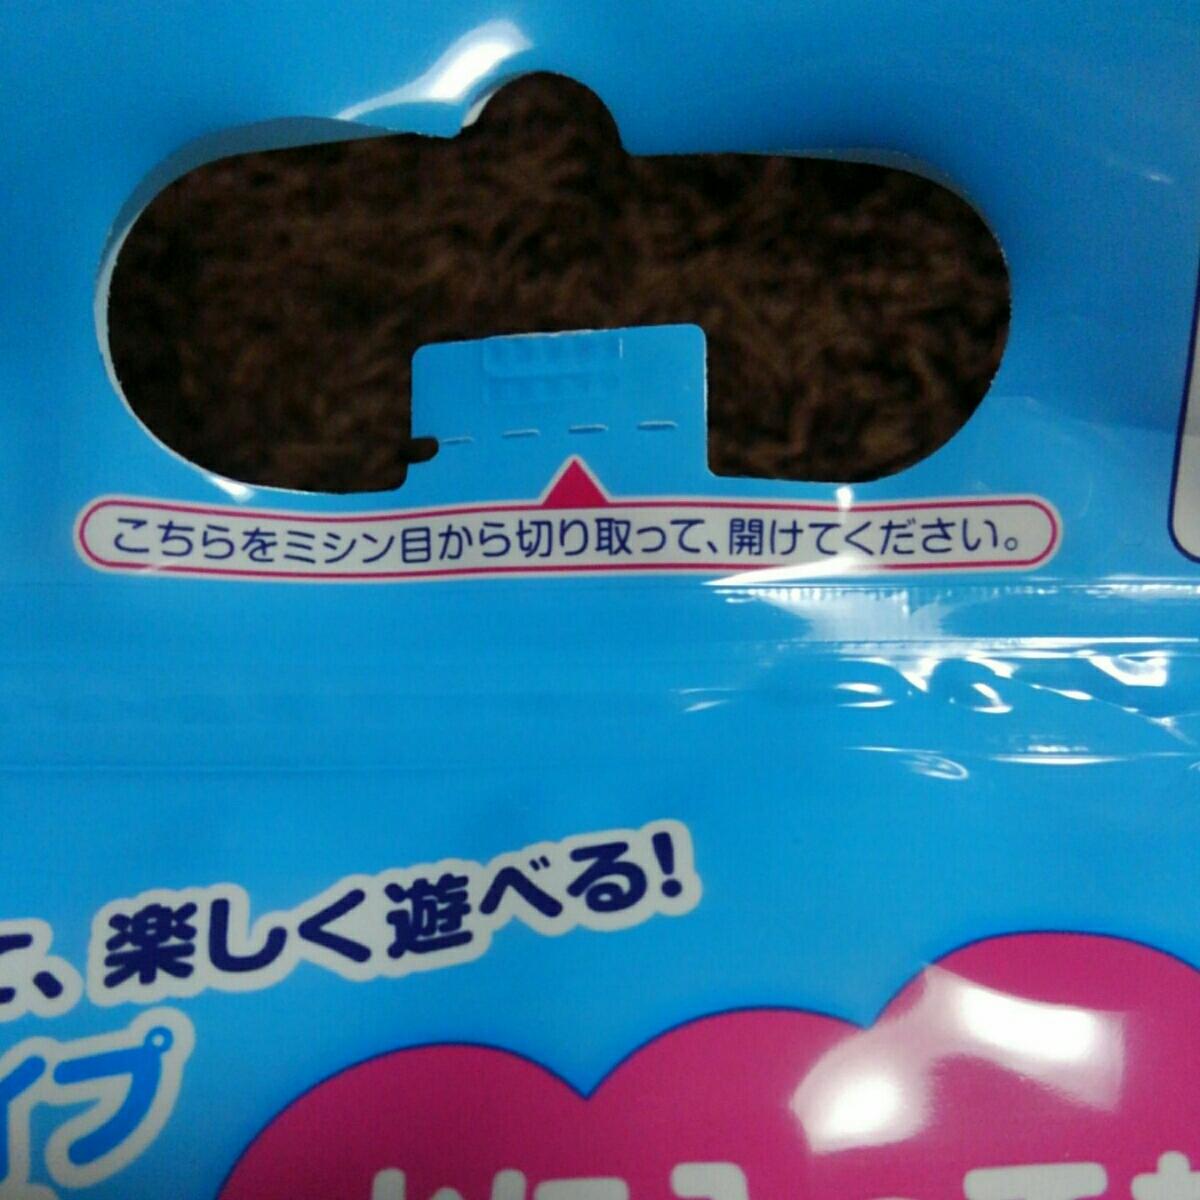 【未開封】グーン(GOON) スイミングパンツ 水遊び用♪Mサイズ(7~12kg ) 男の子用 3枚×4袋=12枚♪②_画像4